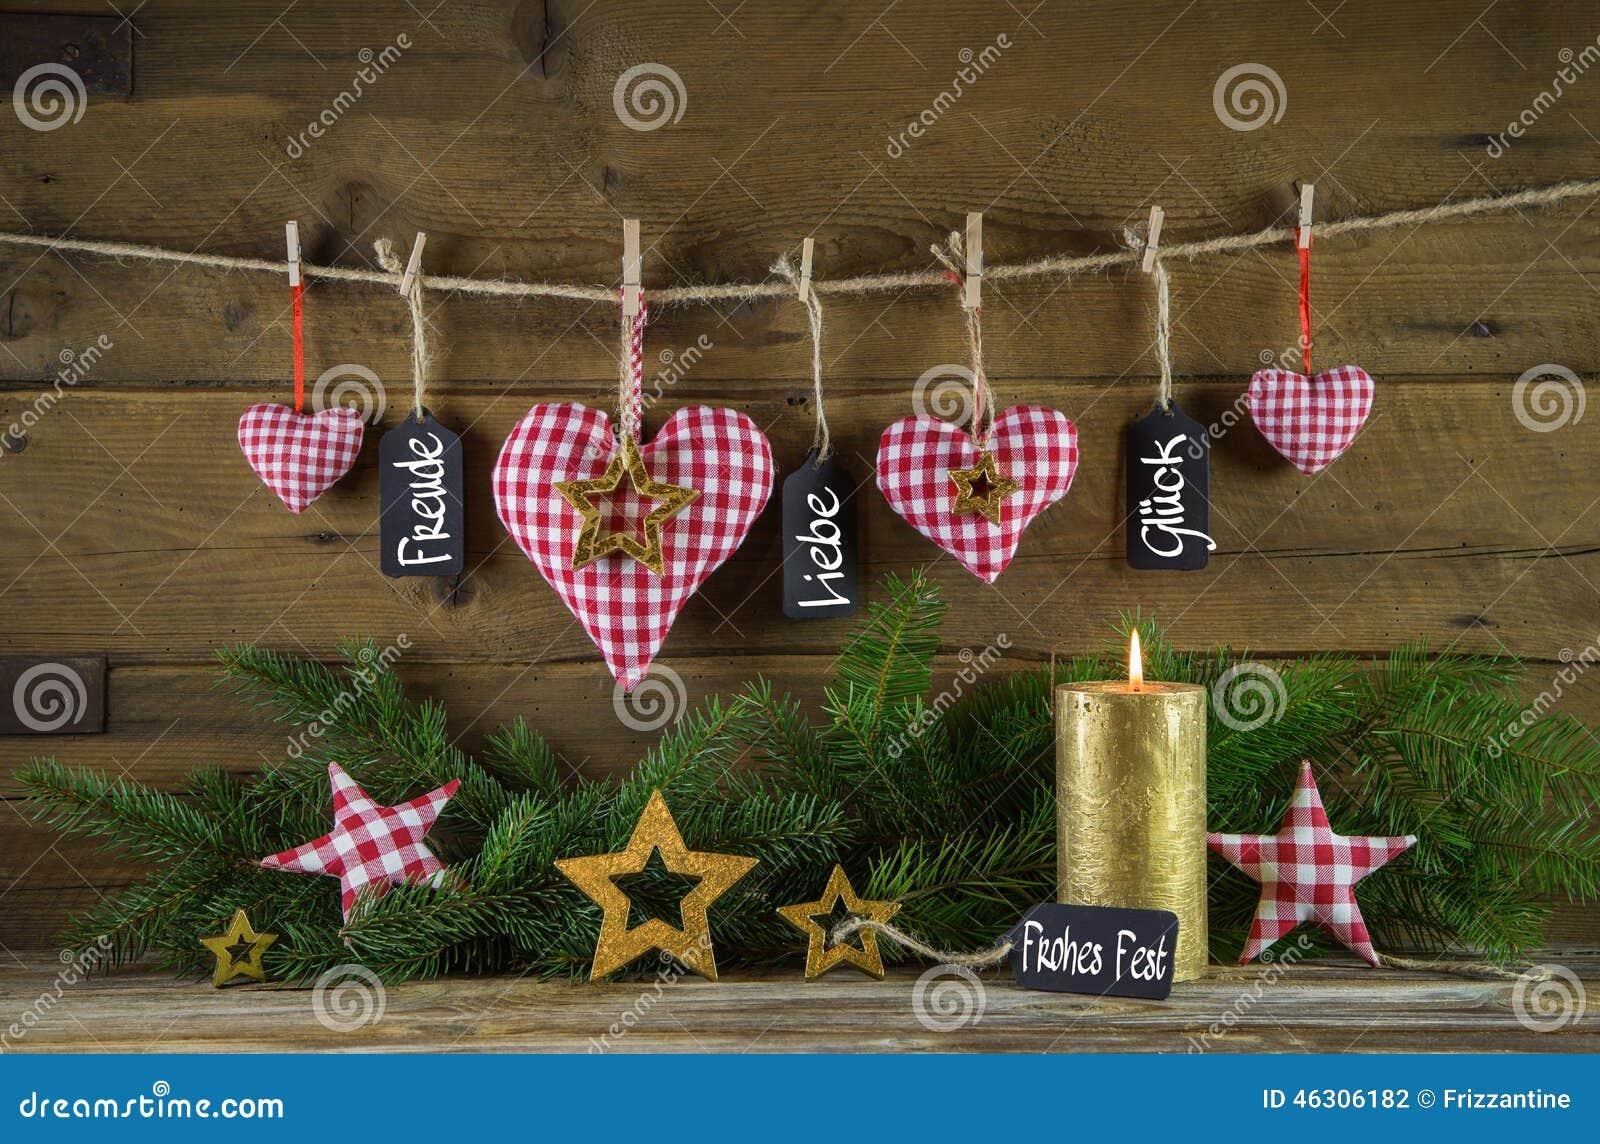 С Рождеством Христовым рождественская открытка с немецким текстом: счастье, влюбленность и везение